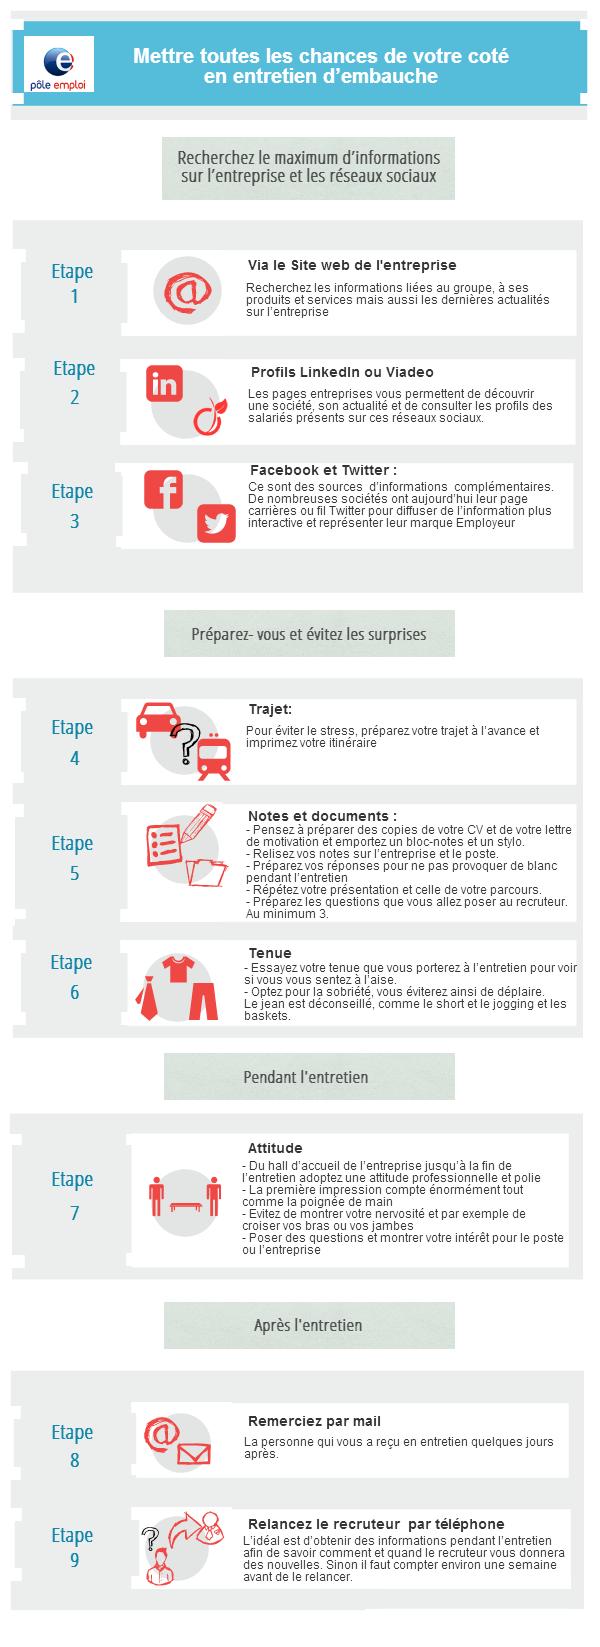 Http Www Emploi Store Fr Static Esu Services Entretien Media Infographie Png Entretien Embauche Formation Pole Emploi Apprendre La Comptabilite